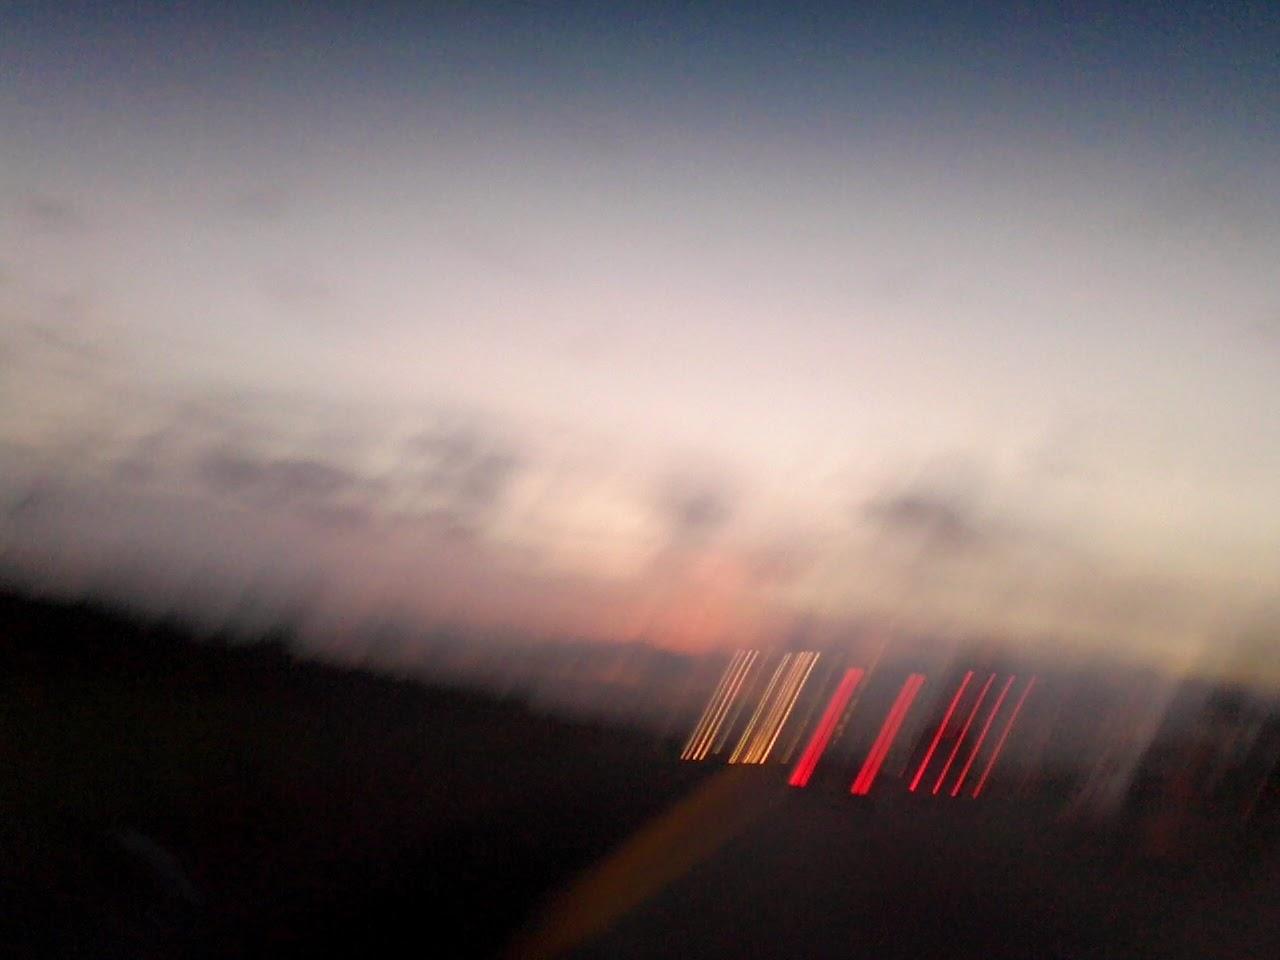 Sky - 0424063530.jpg